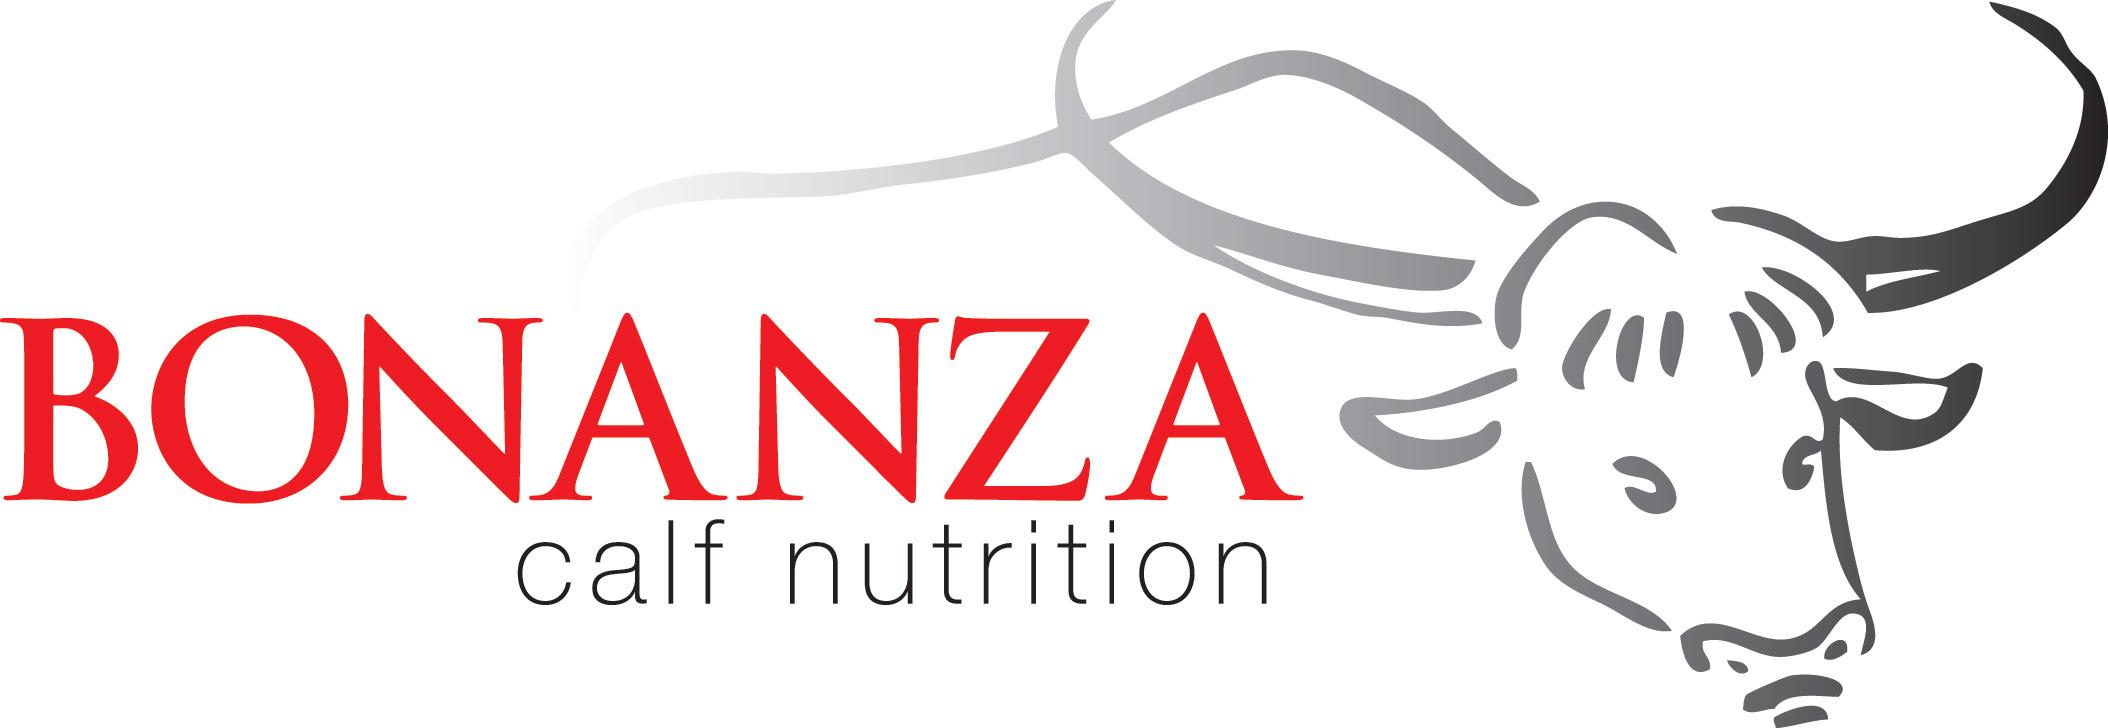 Bonanza logo.jpg